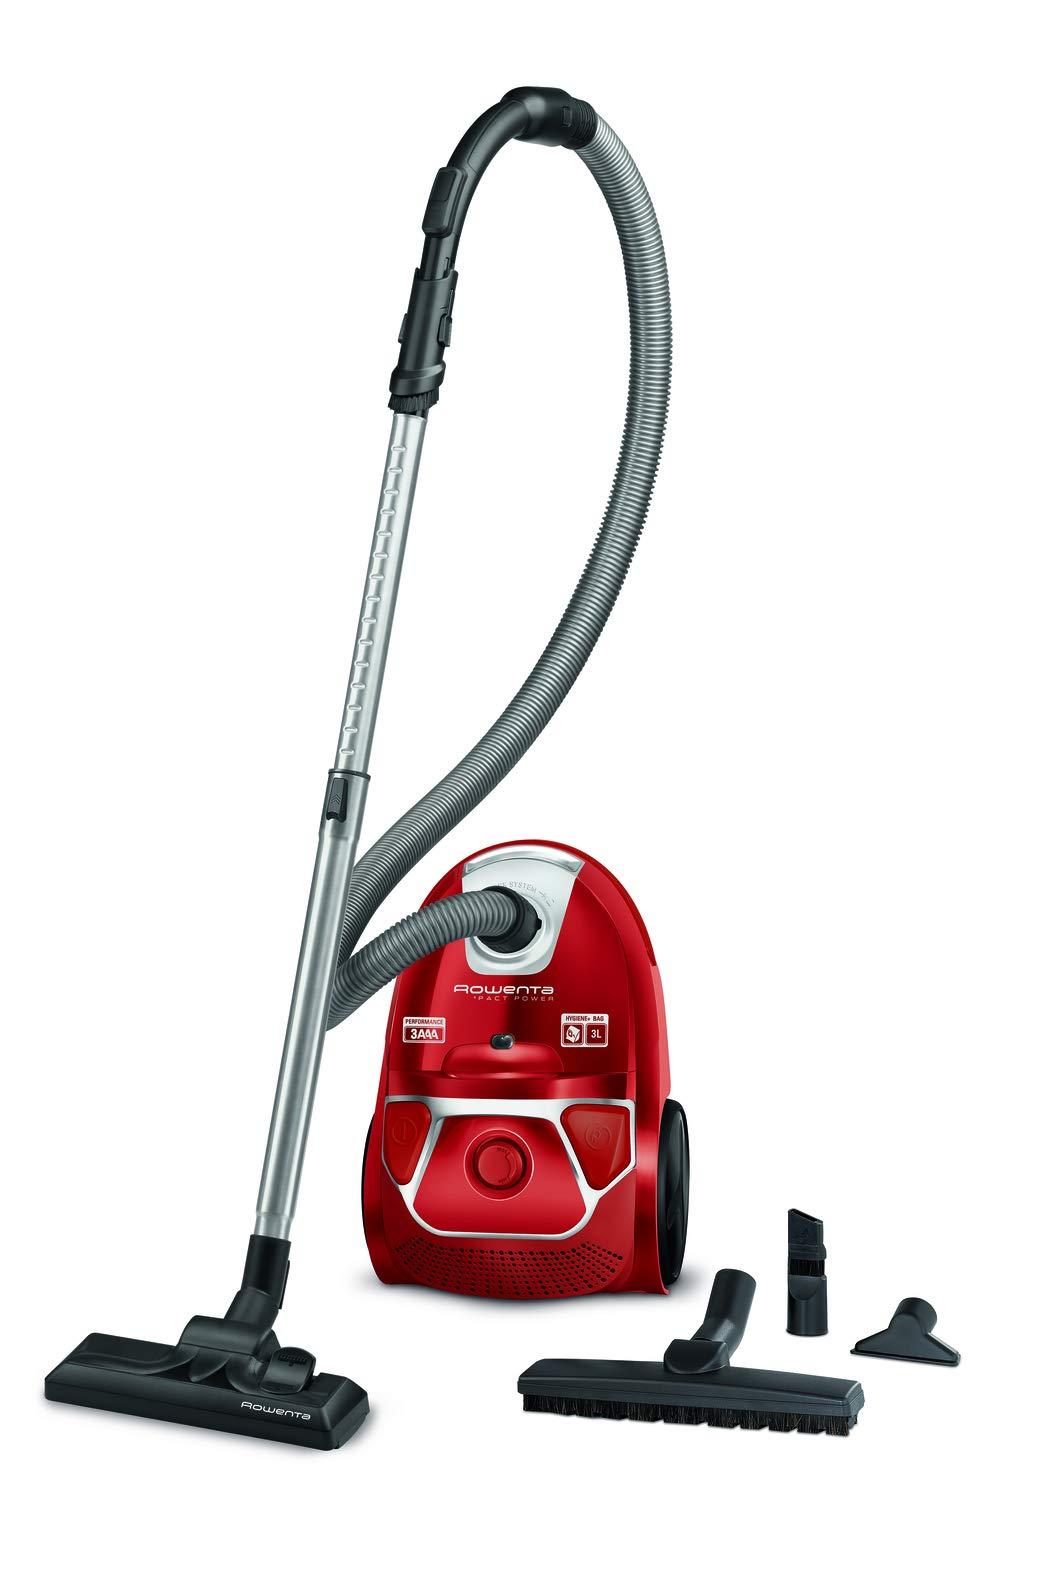 Rowenta RO3953 Compact Power aspiradora con Bolsa, 750 W, 3 litros, 79 Decibelios, Rojo: Amazon.es: Hogar